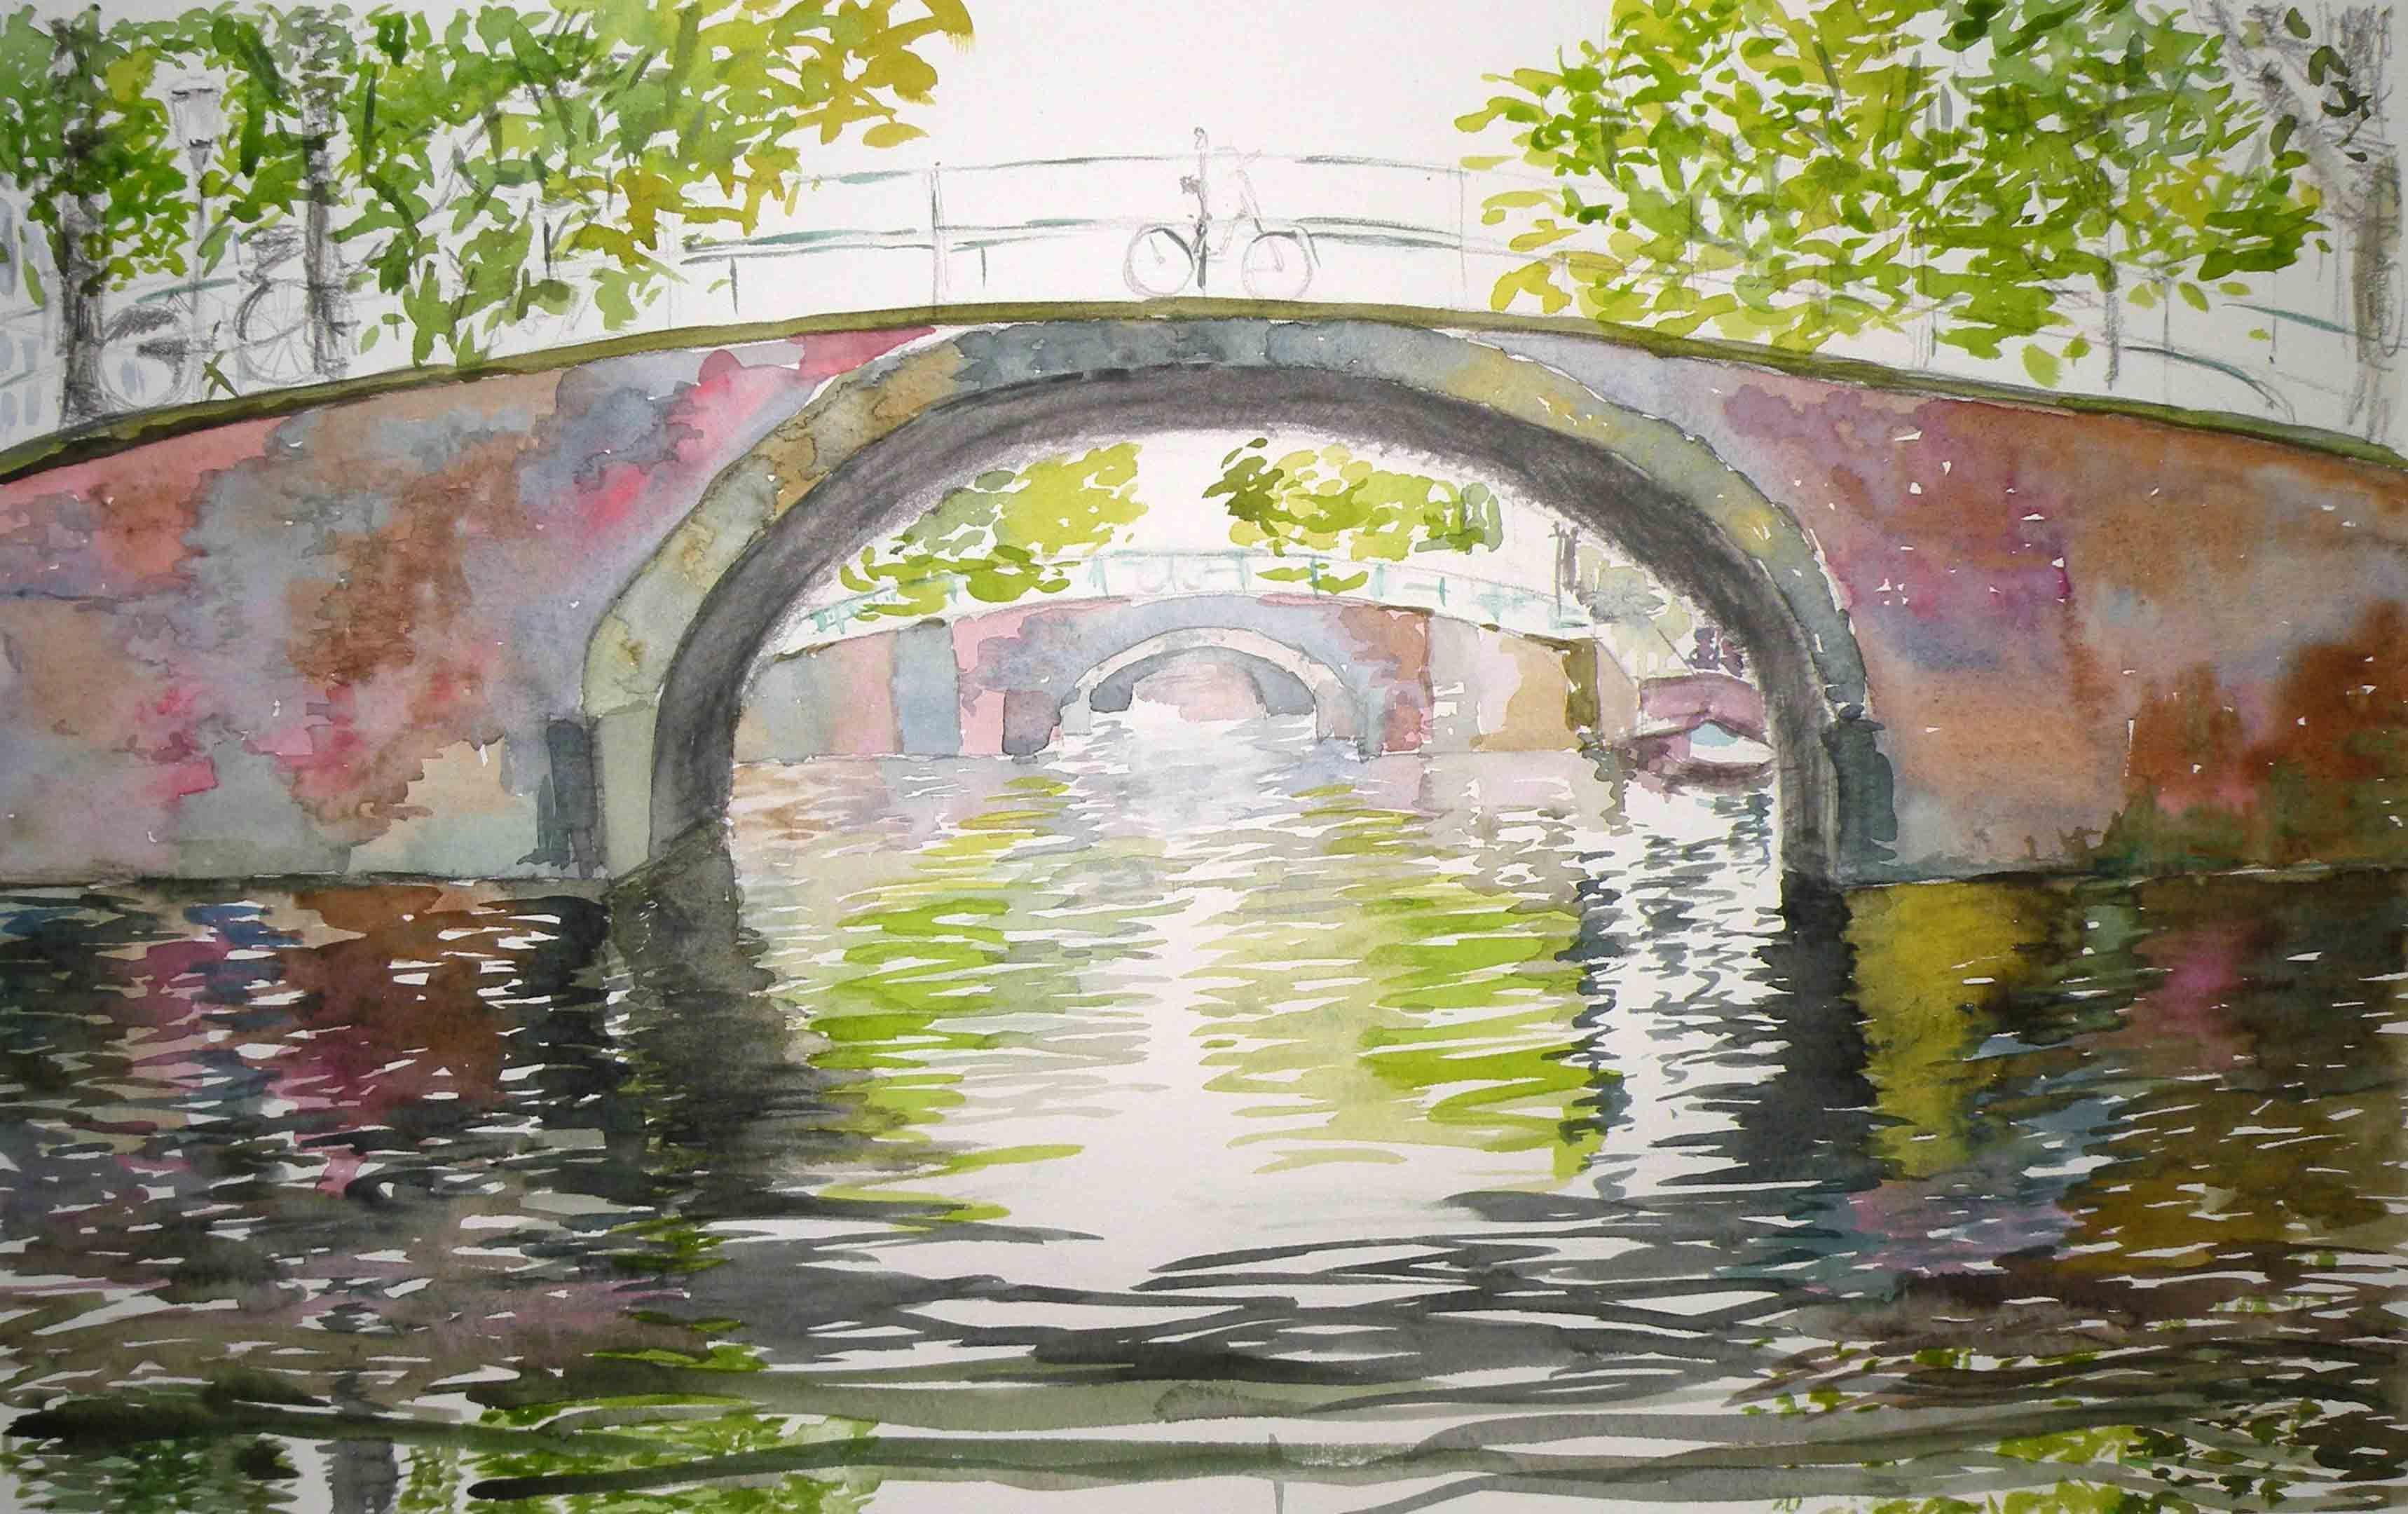 Un canal en Amsterdam. Por Charo Onieva